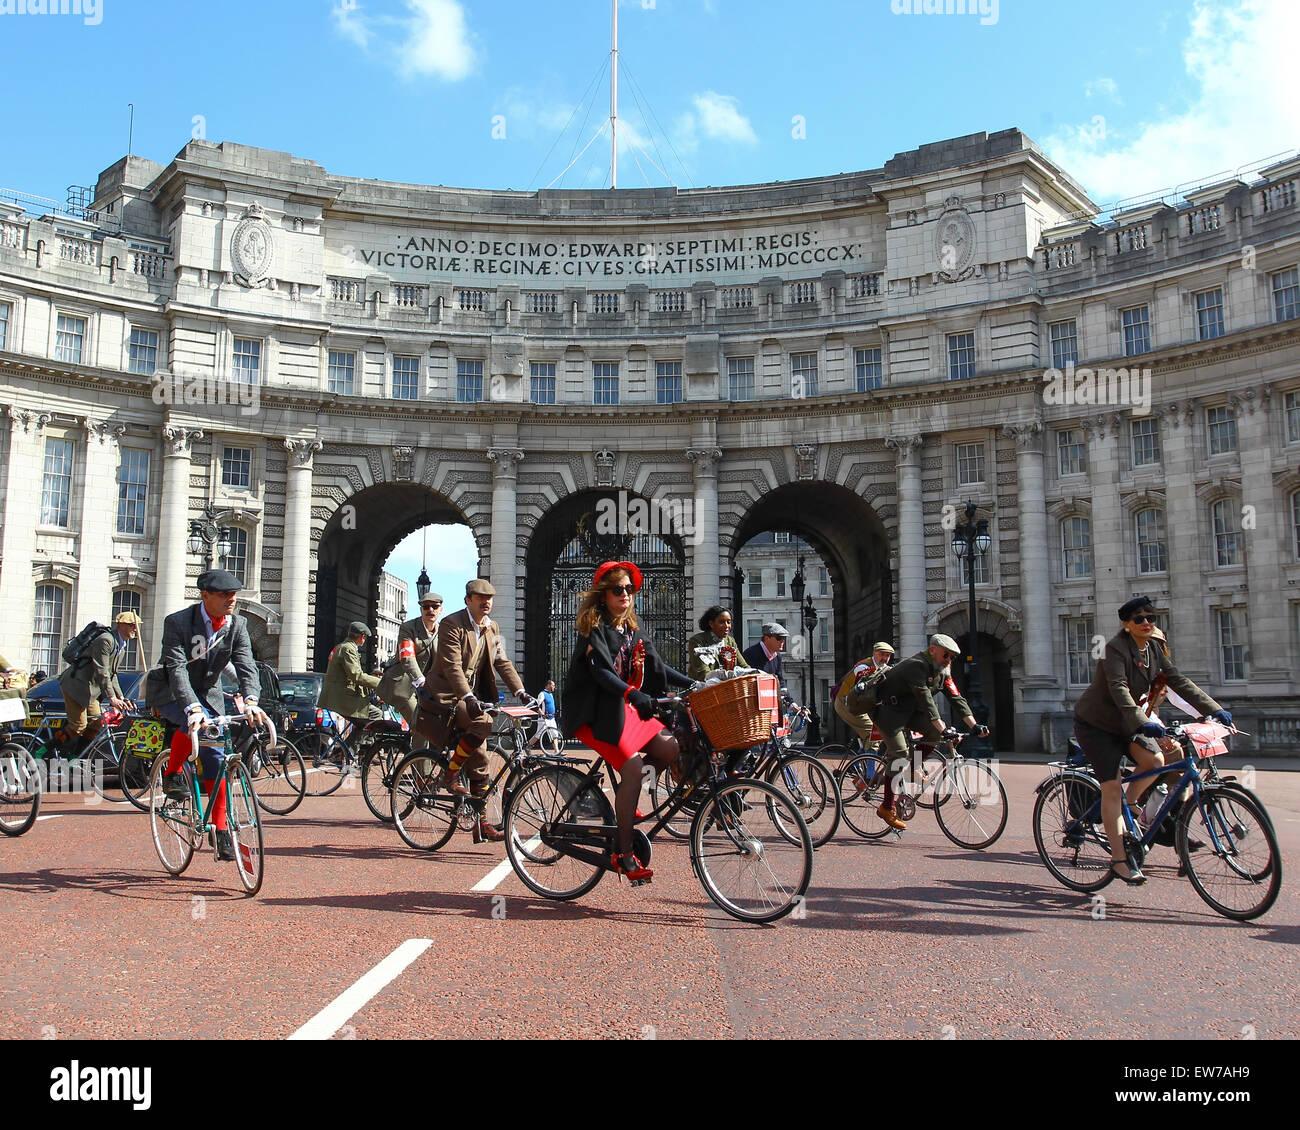 Tweed corri a Londra, una bicicletta nel caso in cui i partecipanti ride vintage bike e indossare abbigliamento Immagini Stock